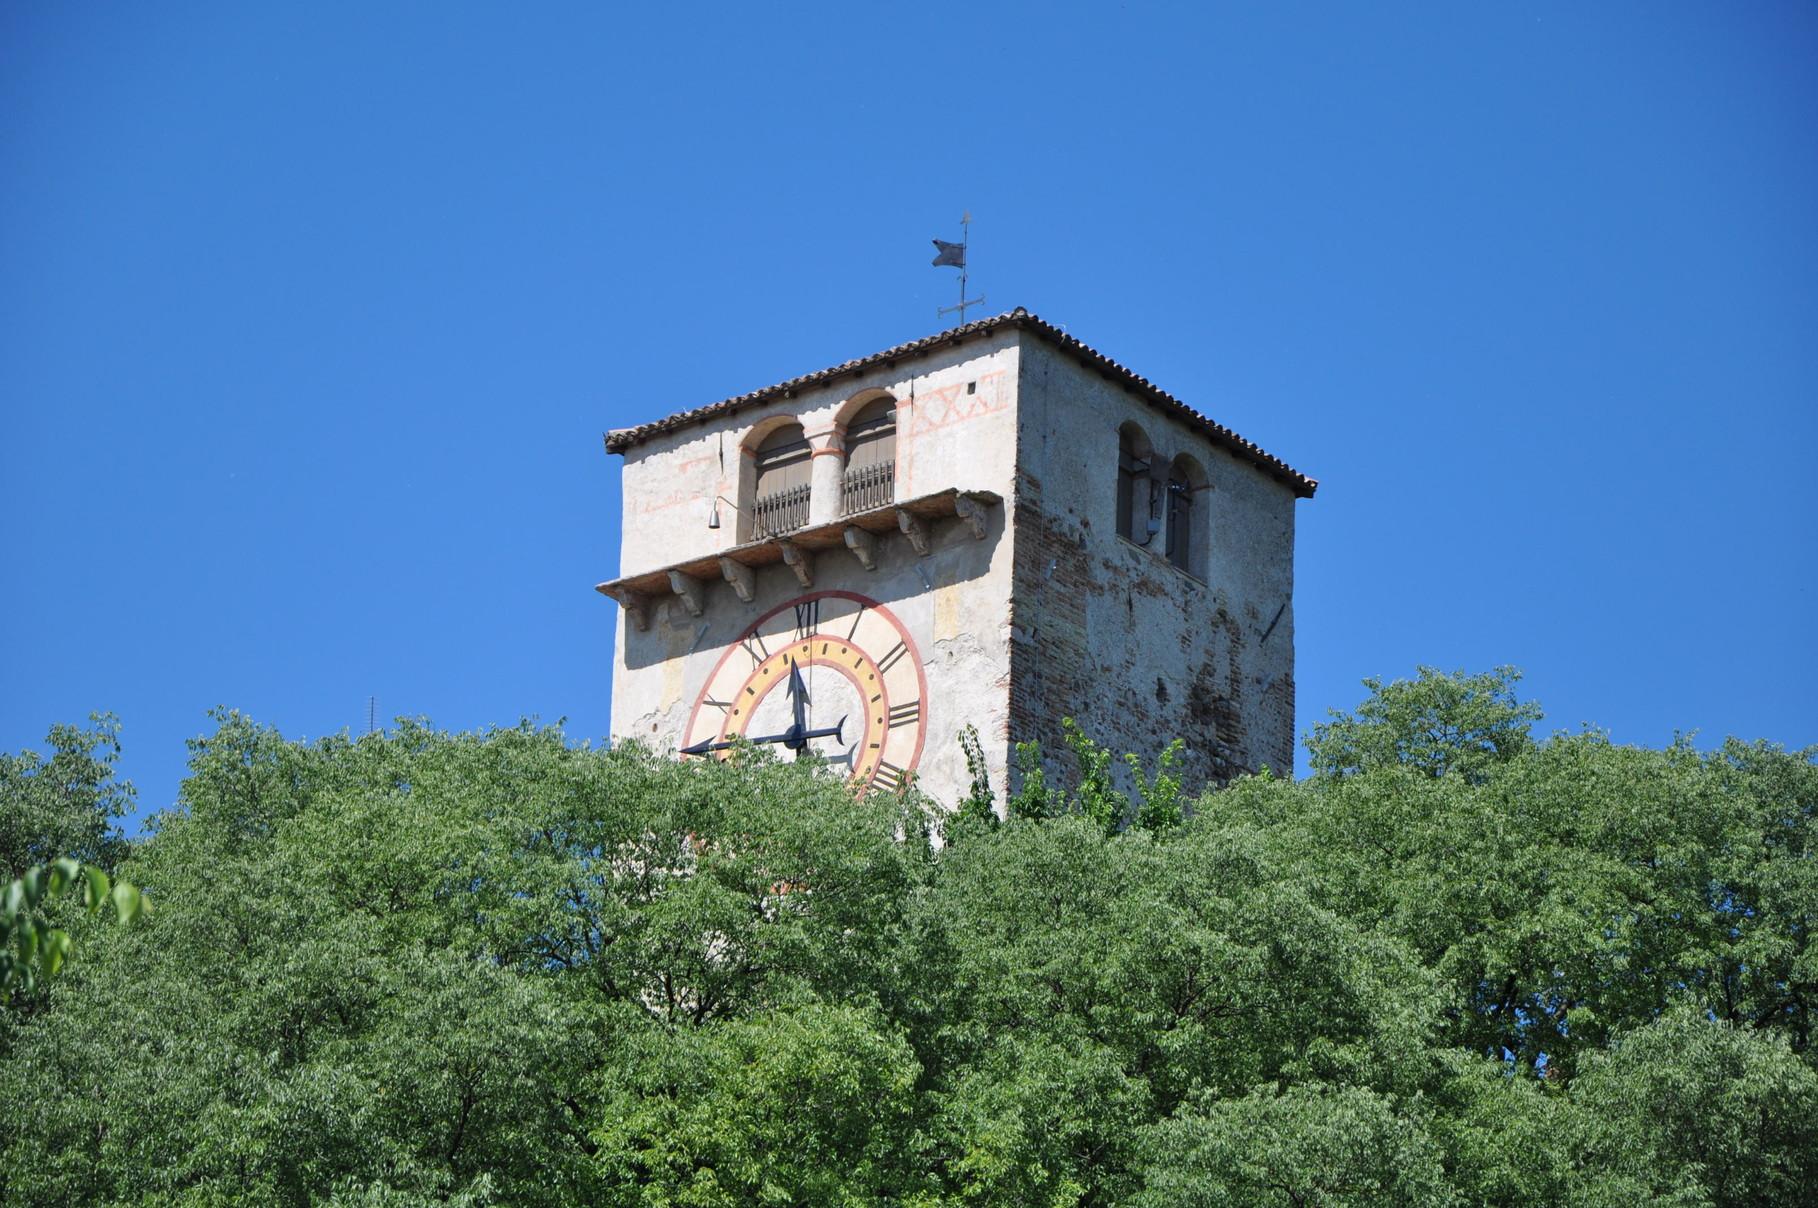 Monzambano